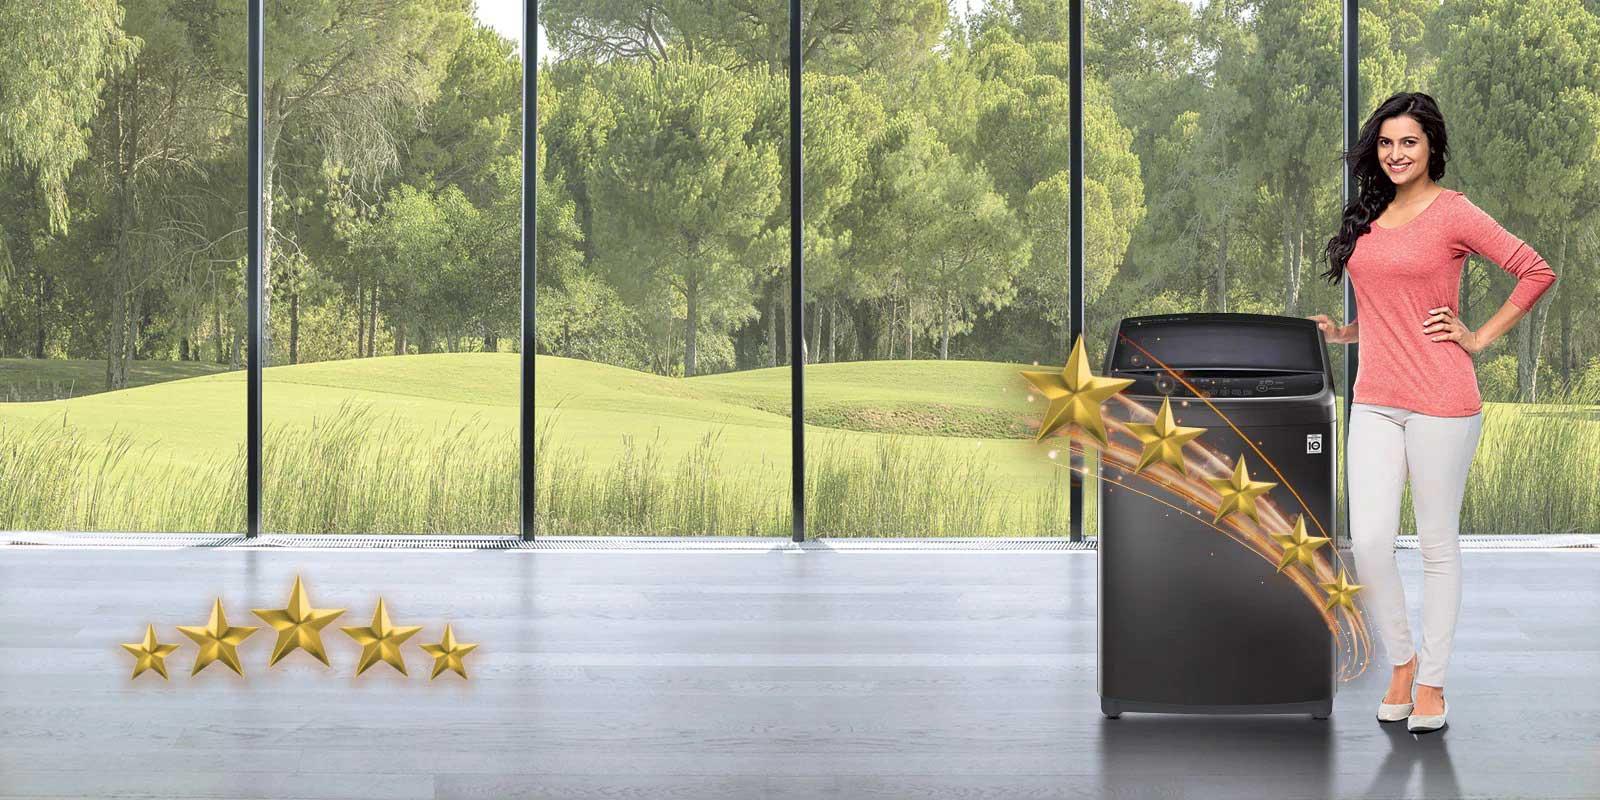 LG T75SKSF1Z 5 Star